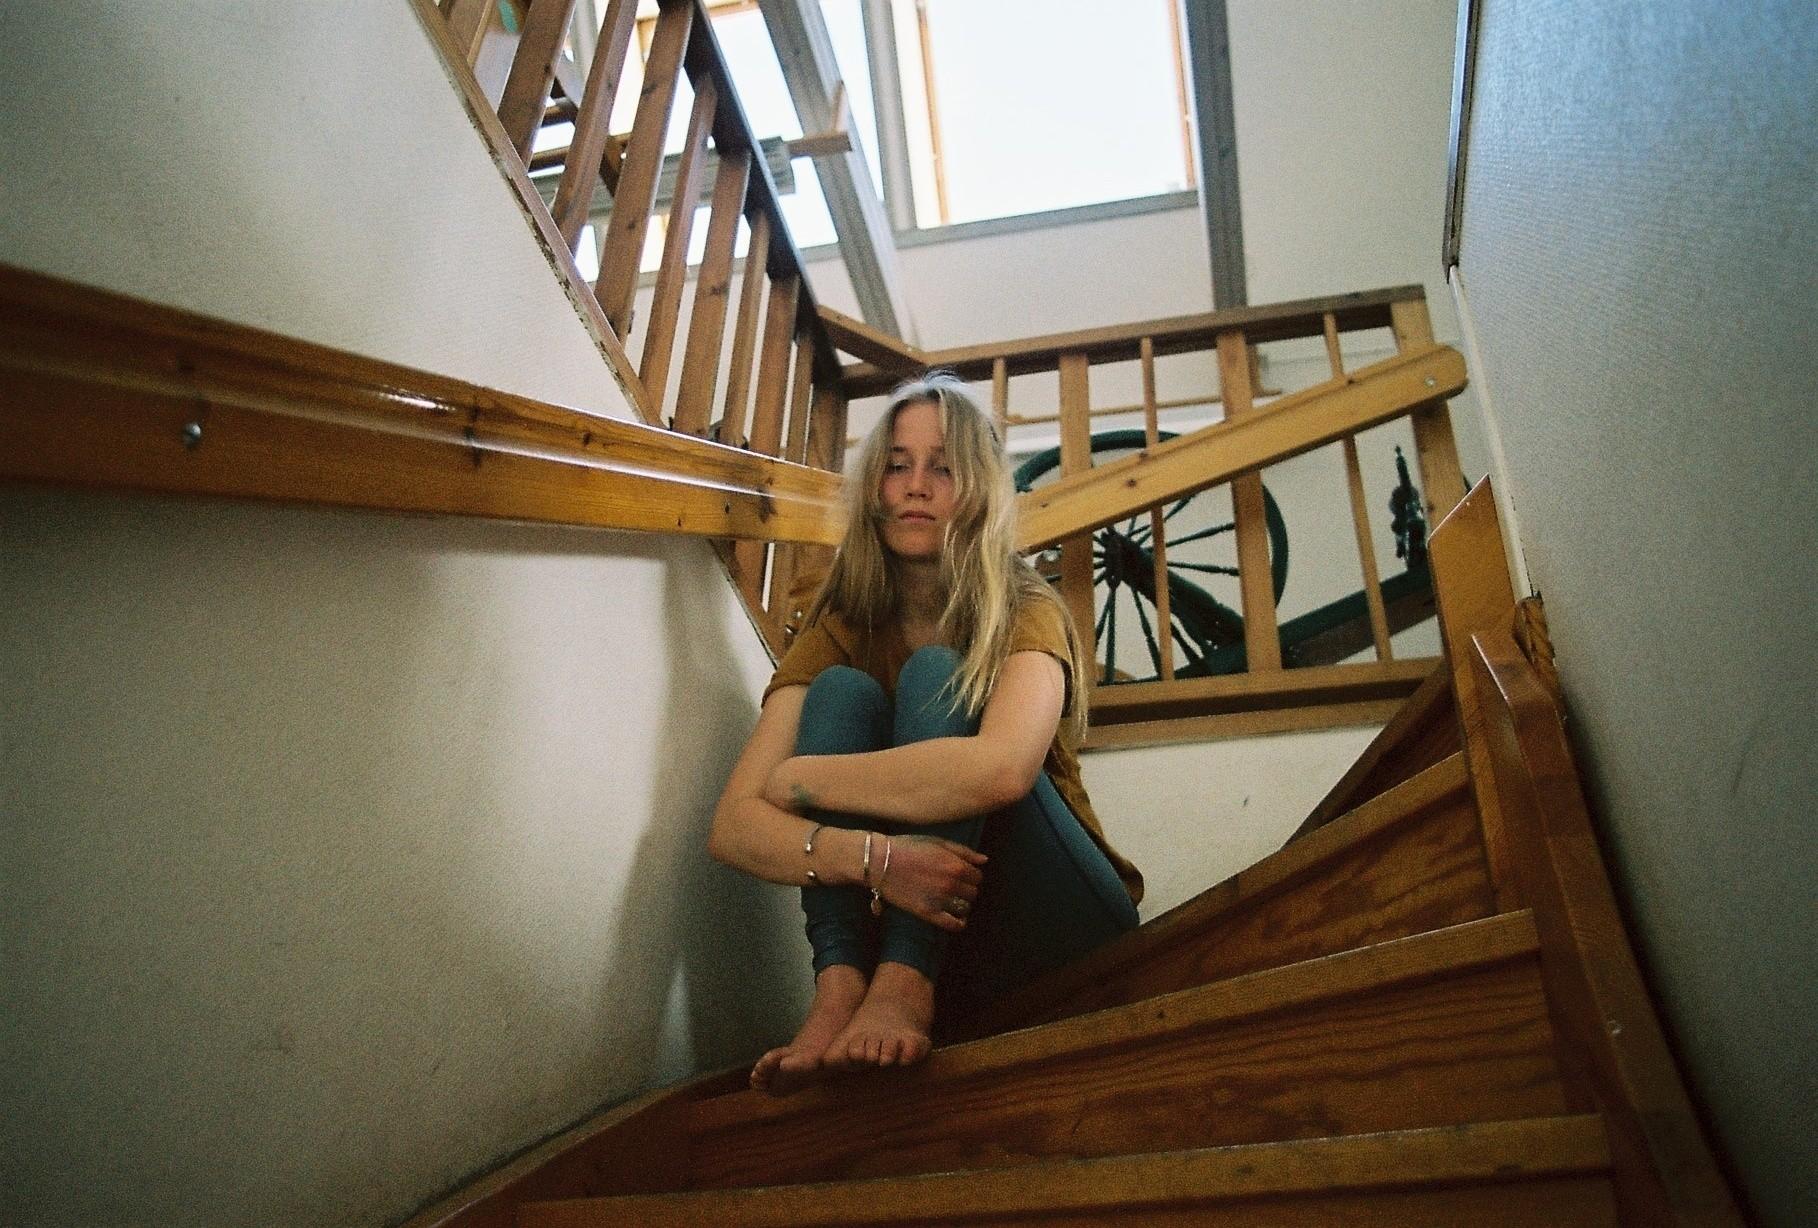 Stair. Anna